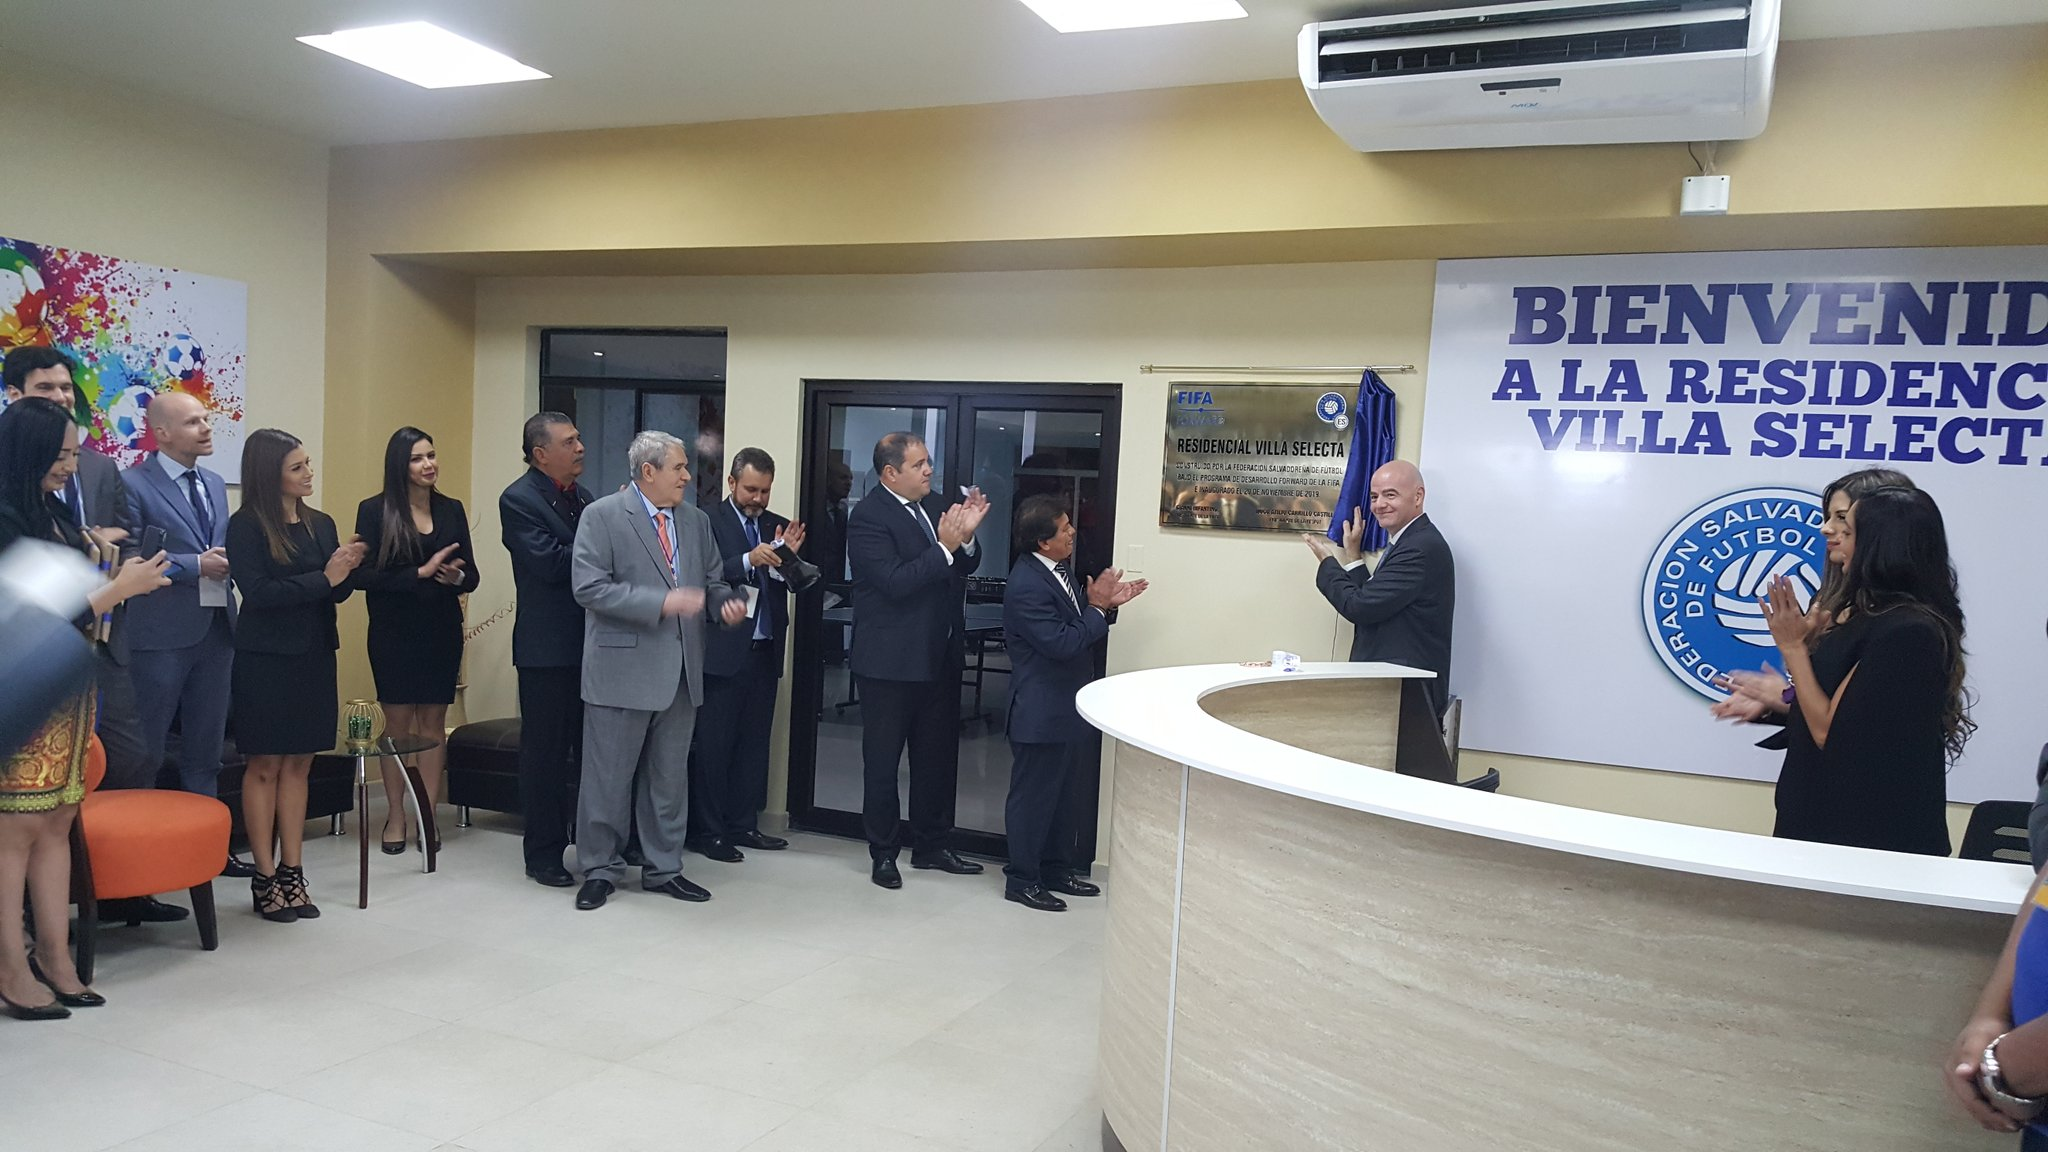 XVIII Congreso Ordinario de UNCAF y visita del presidente de FIFA Gianni Infantino a El Salvador. EJ1JUhIW4AIBUF8?format=jpg&name=4096x4096